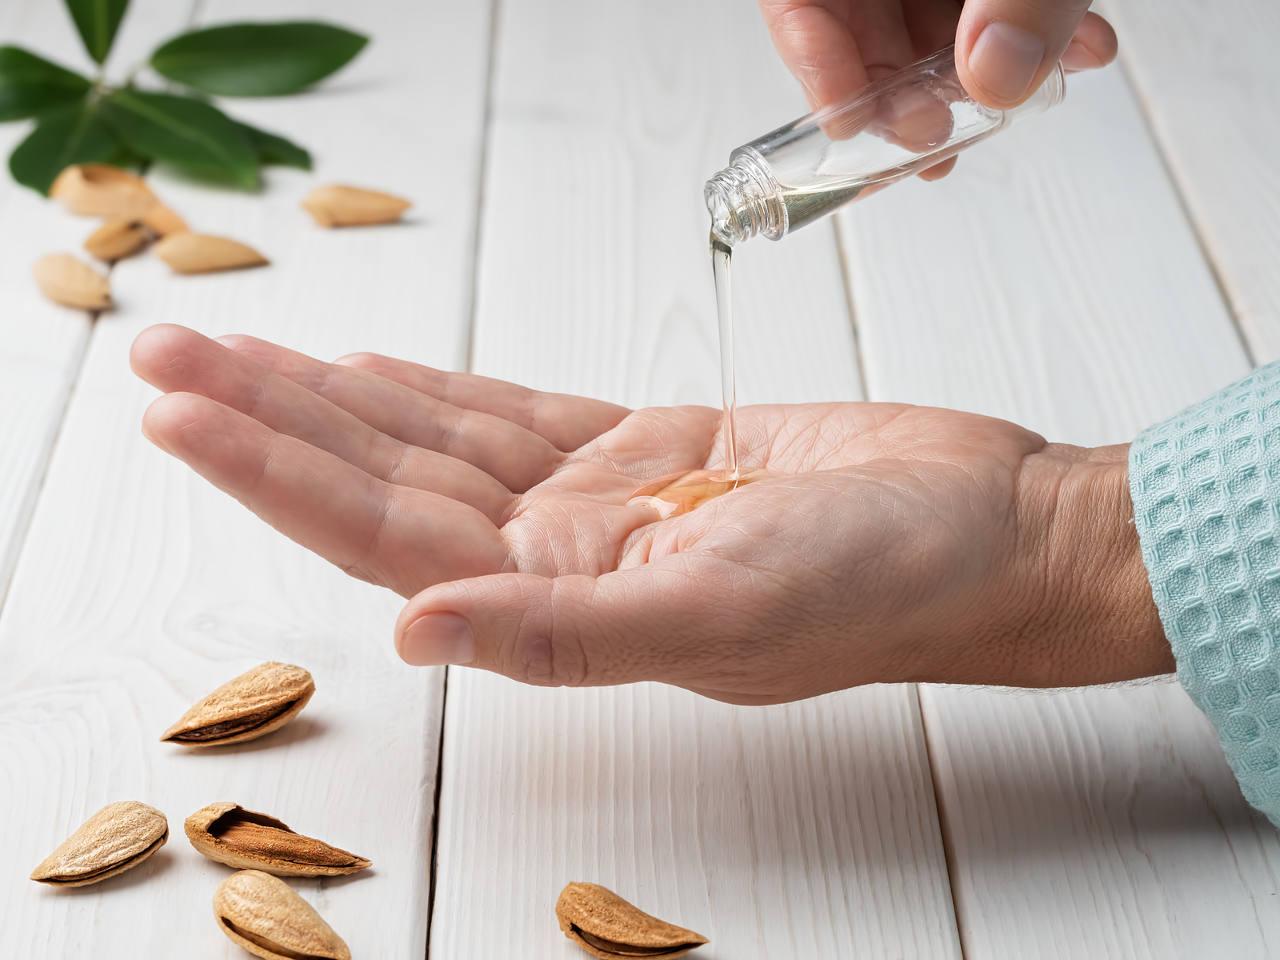 comment utiliser l'huile d'amande douce pour cheveux